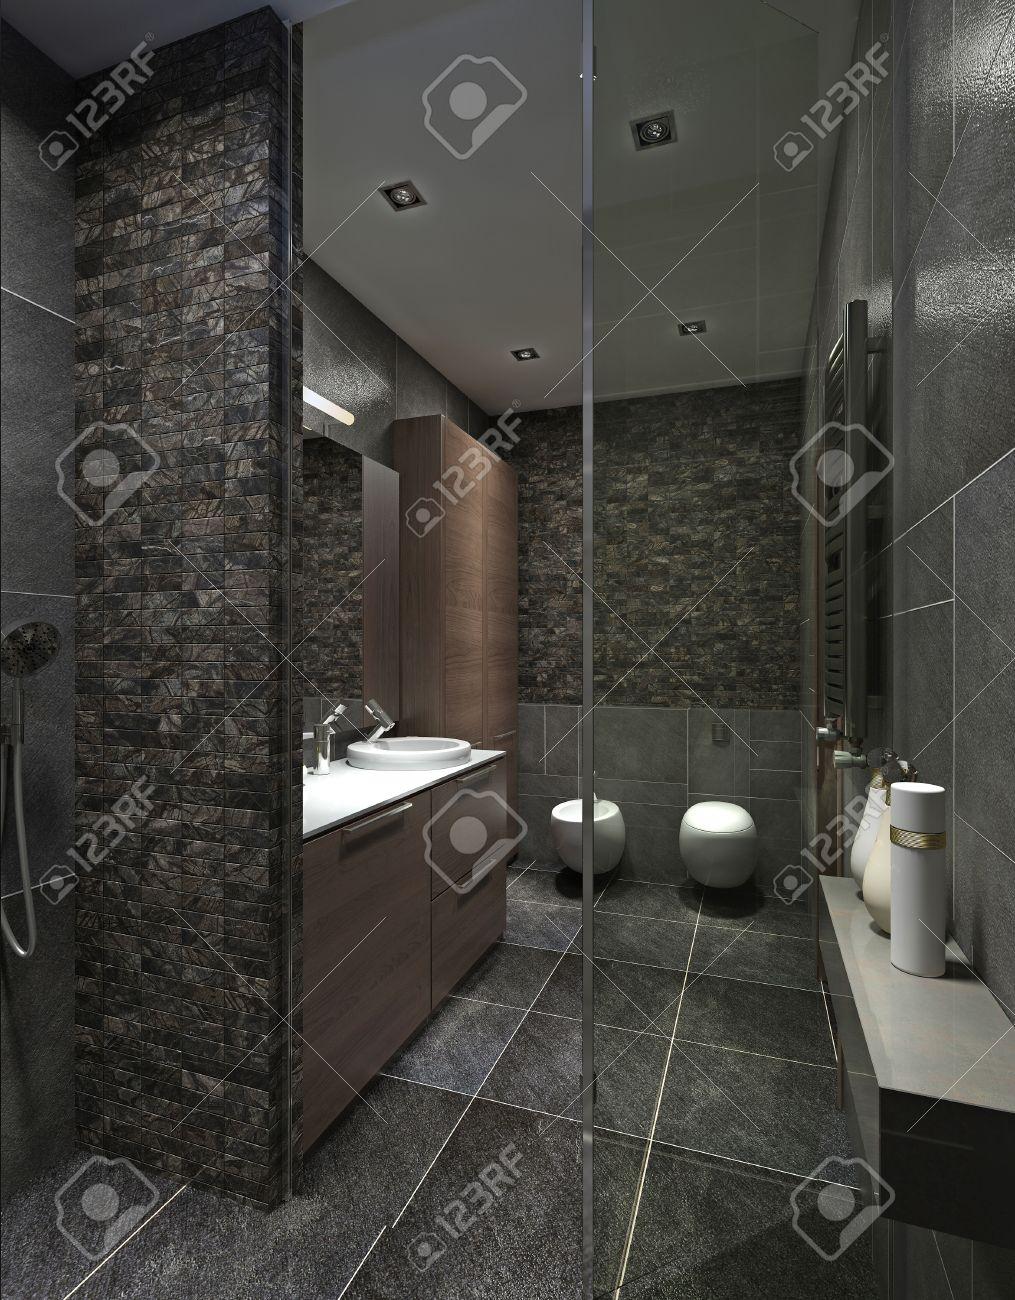 Moderne Badezimmer In Schwarzen Fliesen, Mosaik Und Braunen Möbeln ... Dusche Braune Fliesen